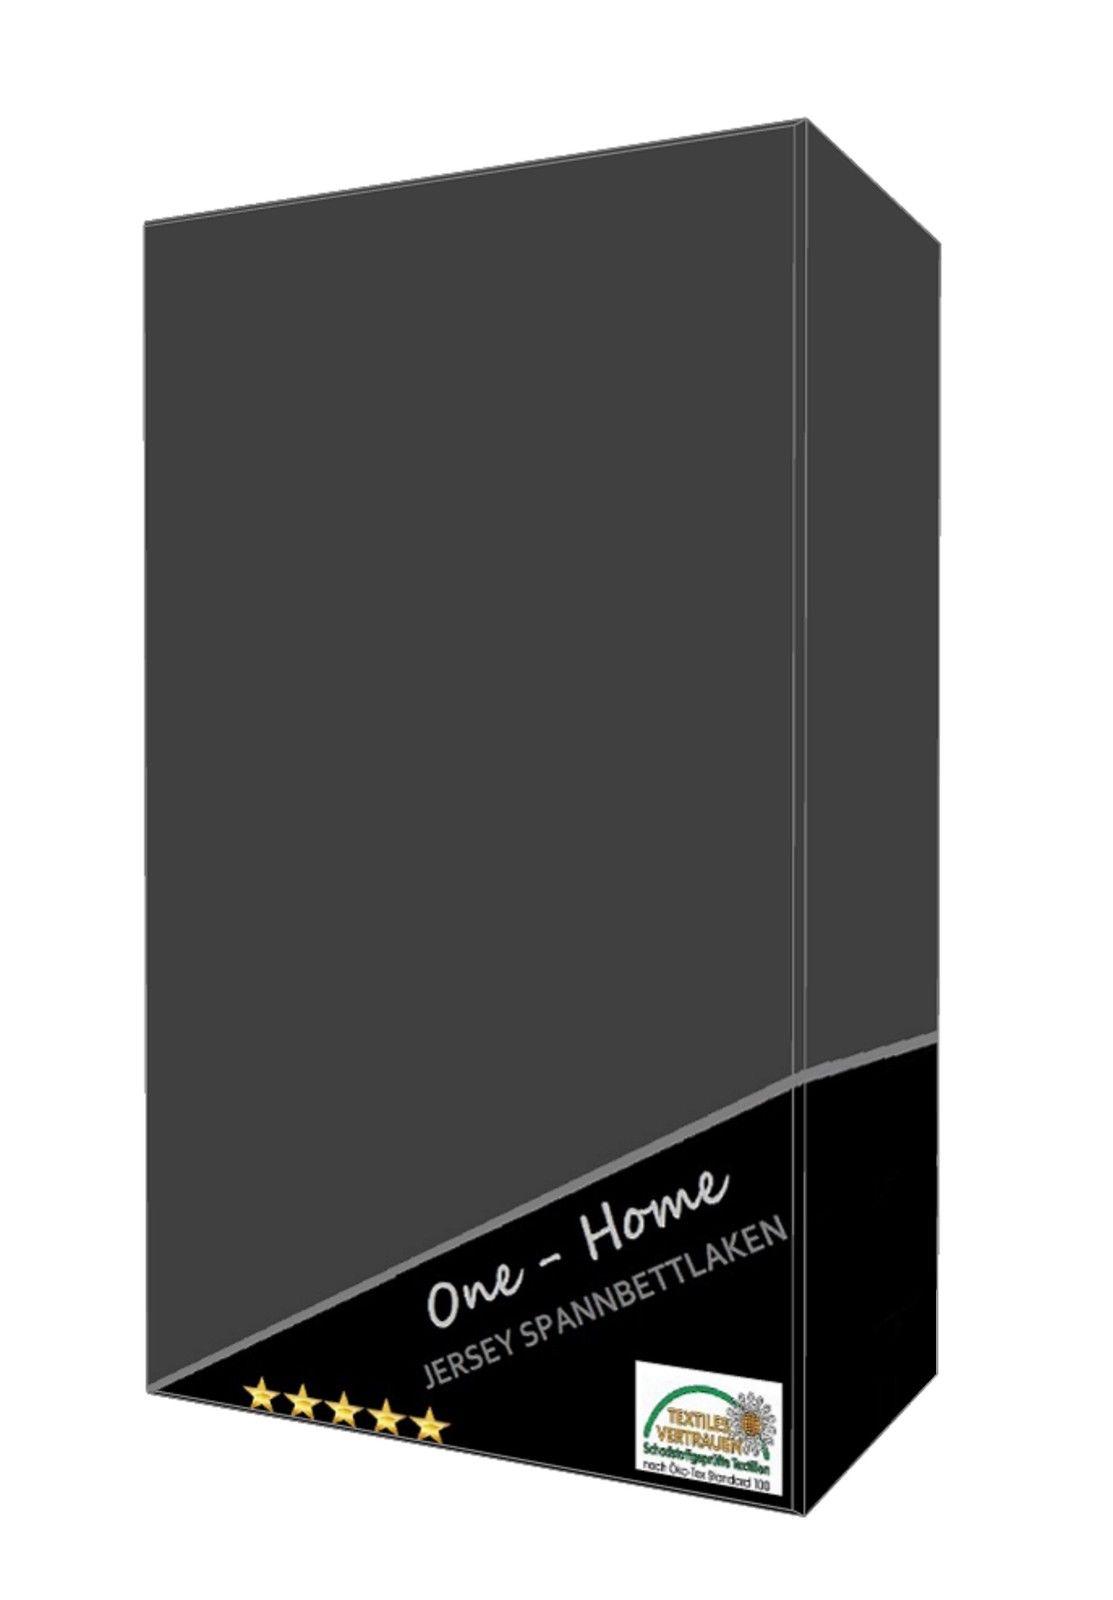 jersey spannbettlaken spannbetttuch 100 baumwolle 90x200 140x200 180x200 cm ebay. Black Bedroom Furniture Sets. Home Design Ideas